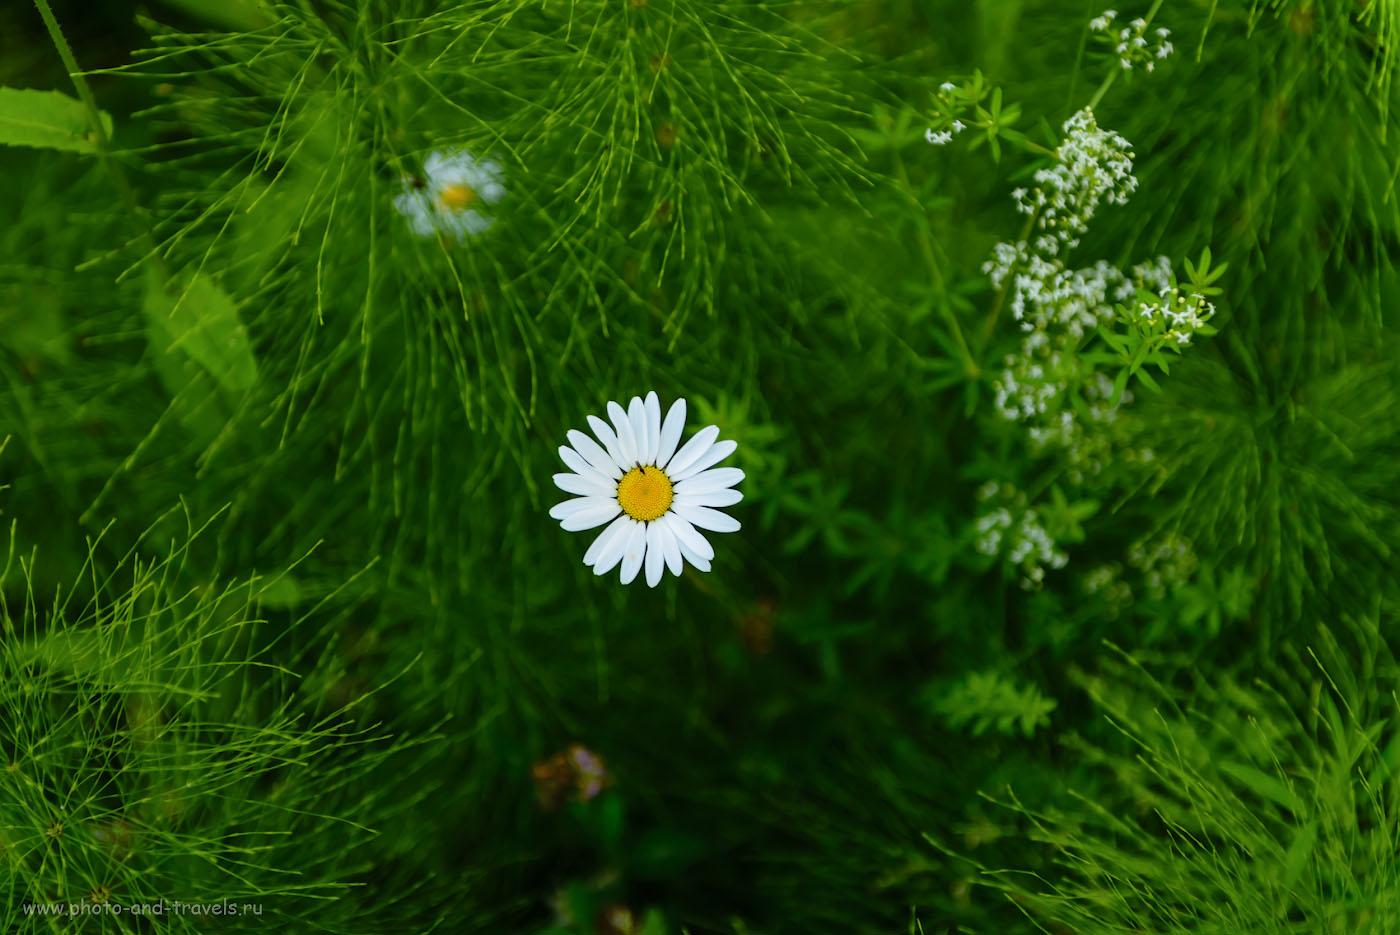 Фотография 27. Обычно этот цветок я называю ромашкой. Но в отчете о походе к Кырманским скалам мне указали, что это – вроде как, нивяник. 1/100, 0.67, 2.8, 450, 70.